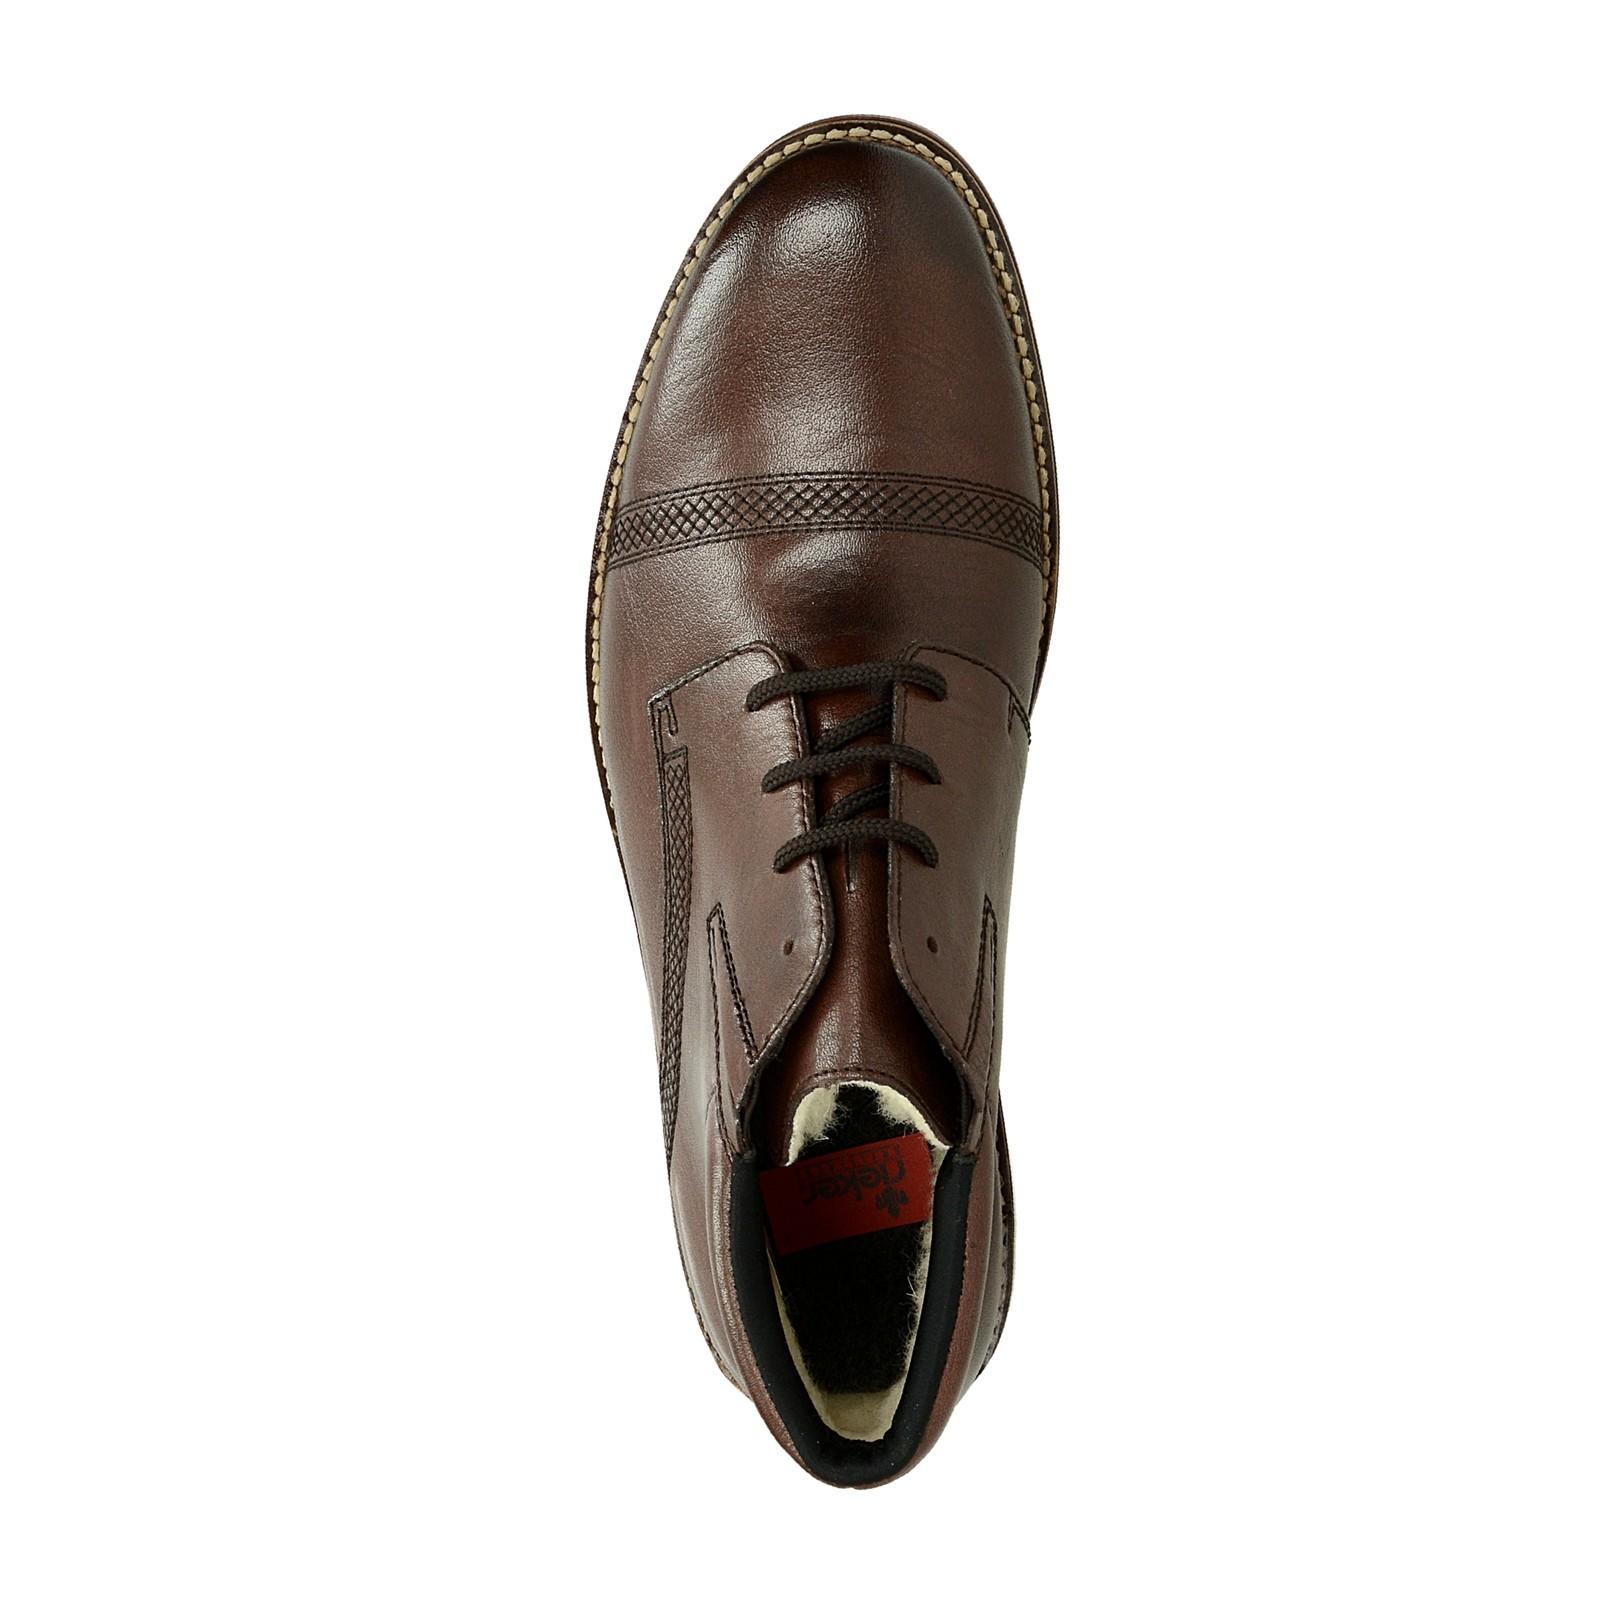 76f967a2c933 Rieker pánska kožená zateplená členková obuv - tmavohnedá ...